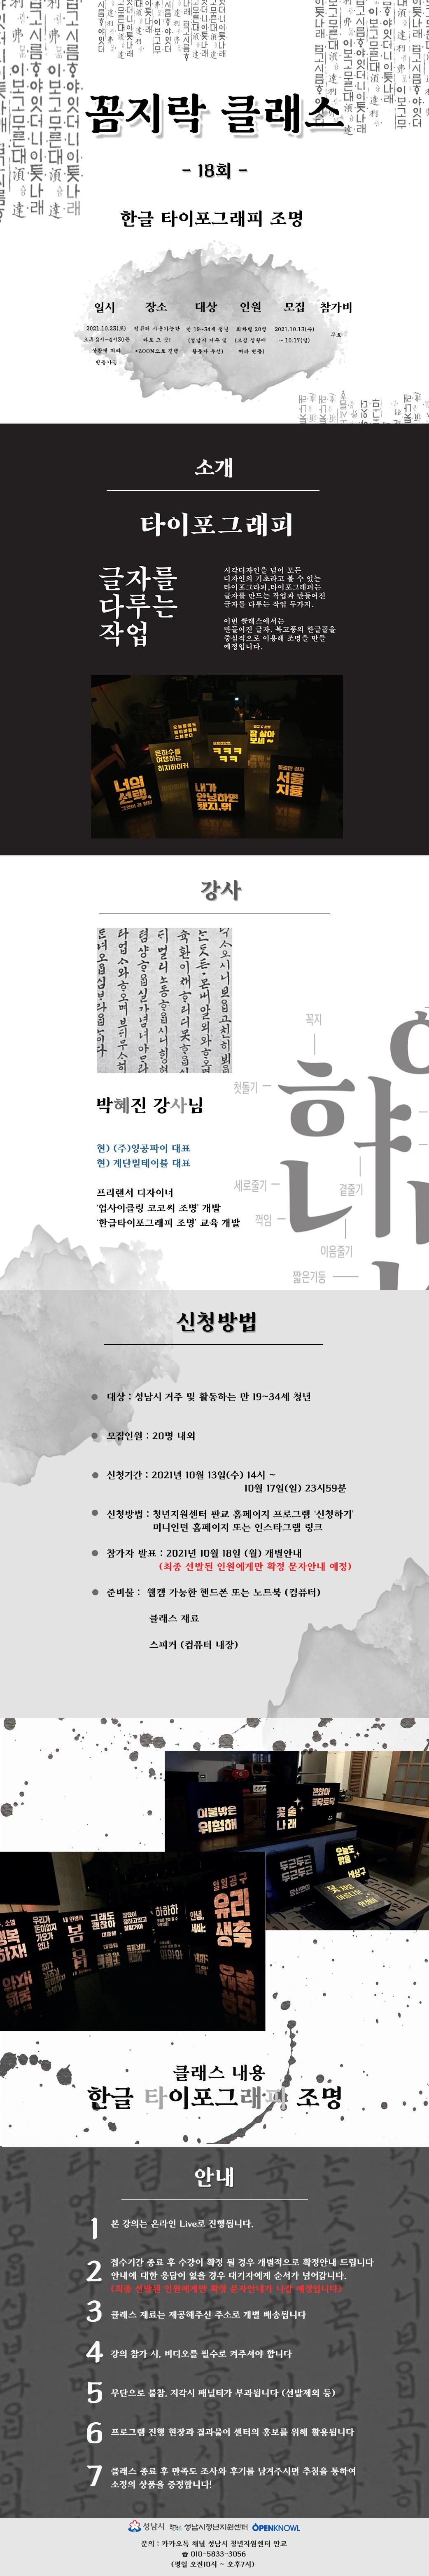 [꼼지락 클래스] 18회차 <한글 타이포그래피 조명>